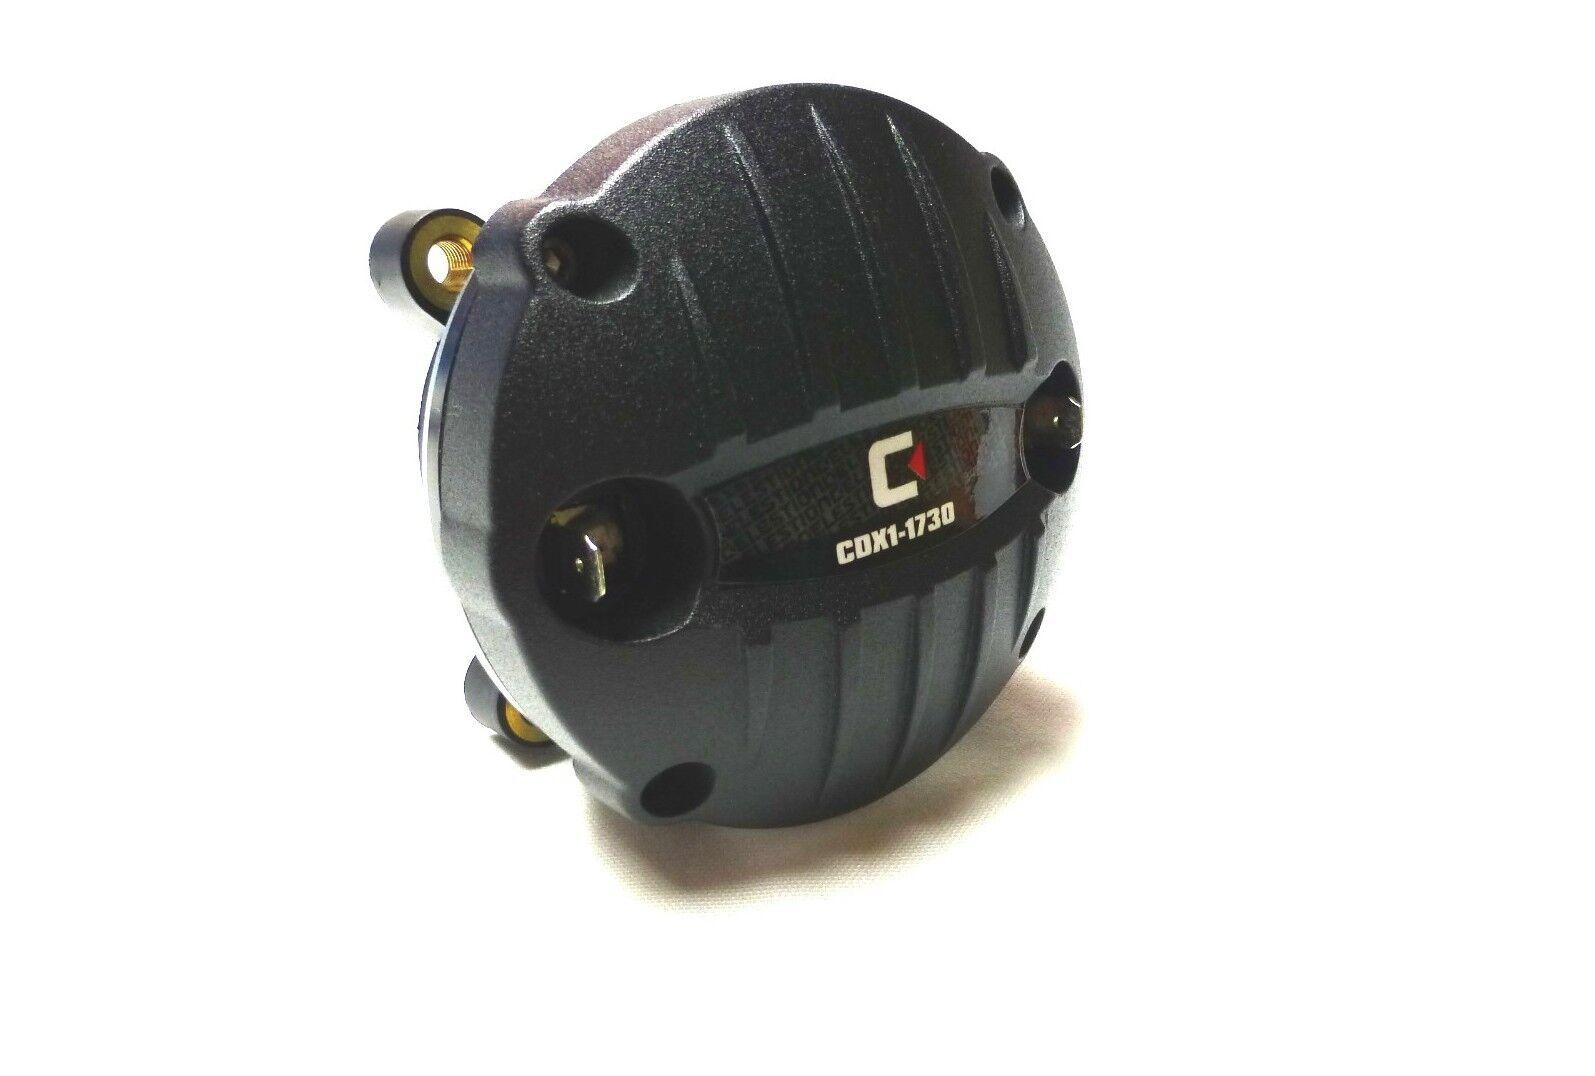 Controlador de de de compresión de neodimio Celestion CDX1-1730 - 1  - Bolt-on QSC K8, K10, K12  Centro comercial profesional integrado en línea.